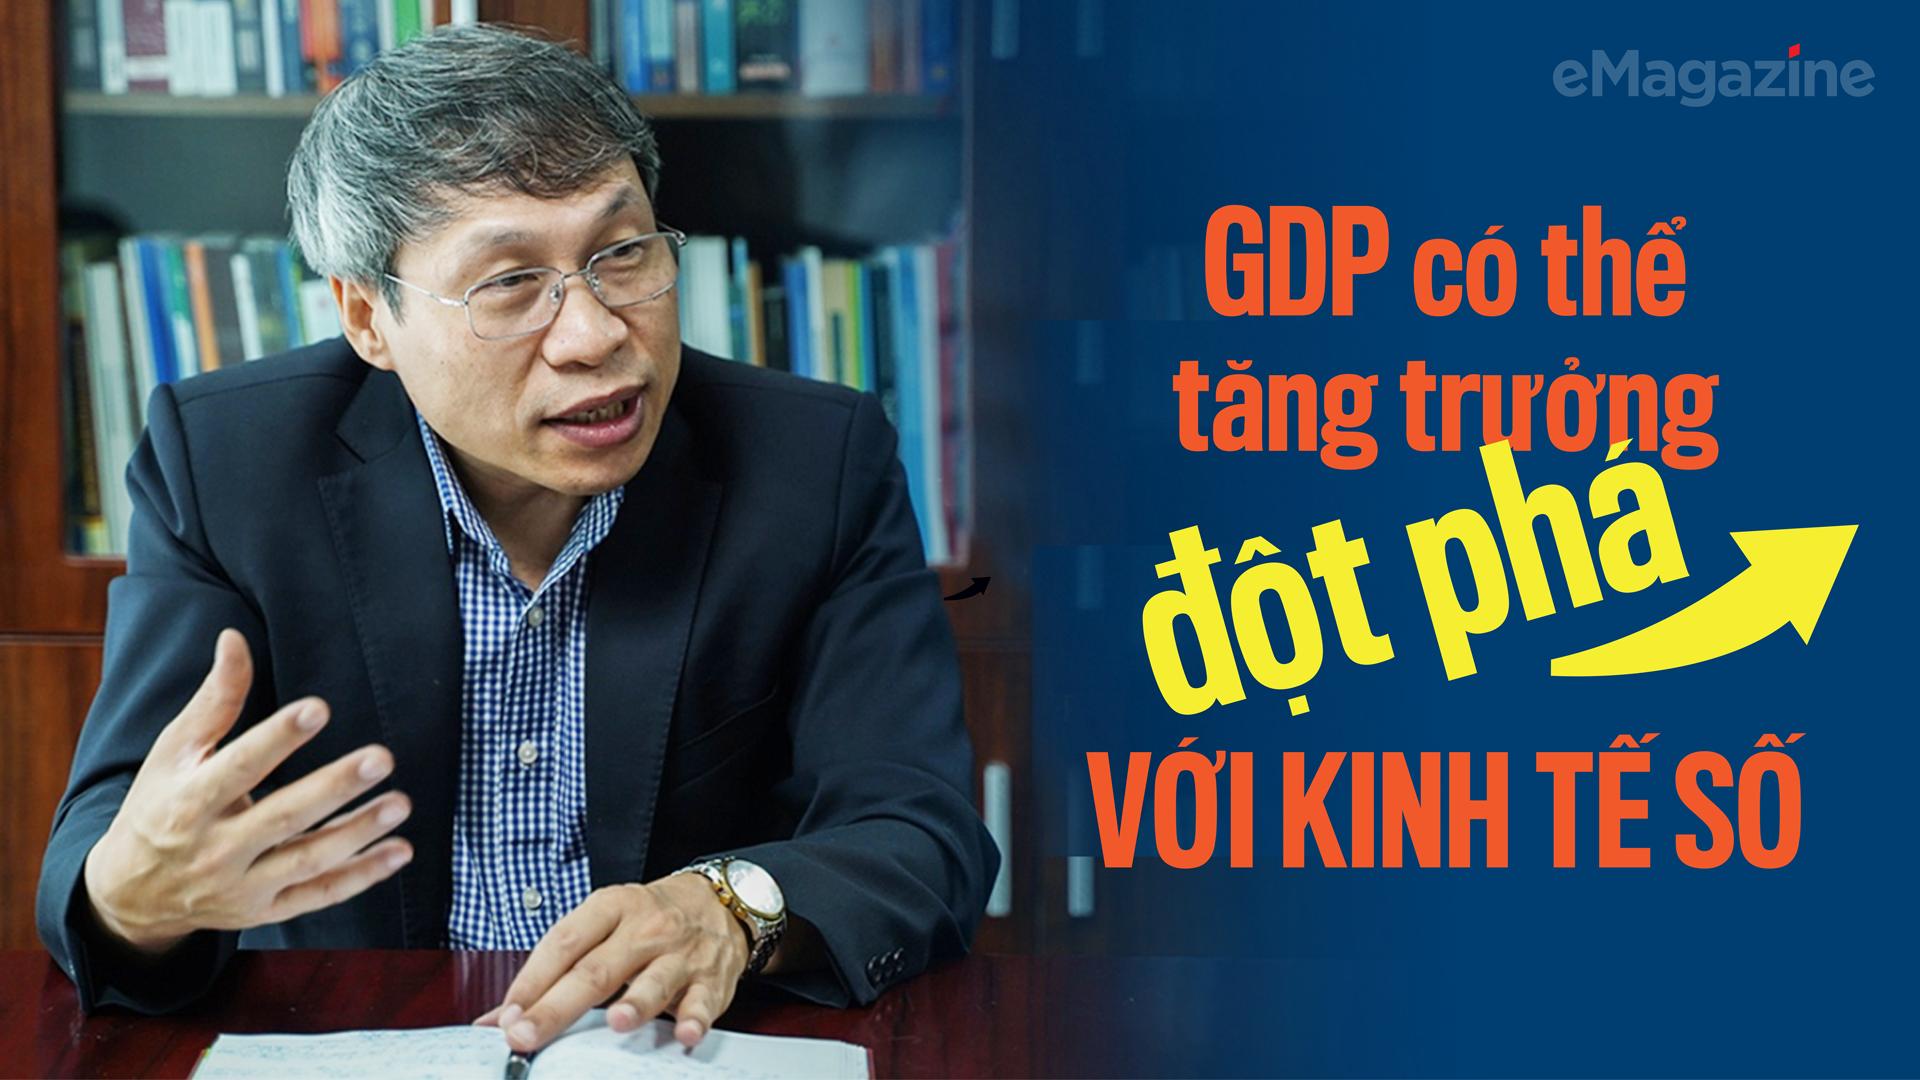 GDP có thể tăng trưởng đột phá với kinh tế số - Ảnh 1